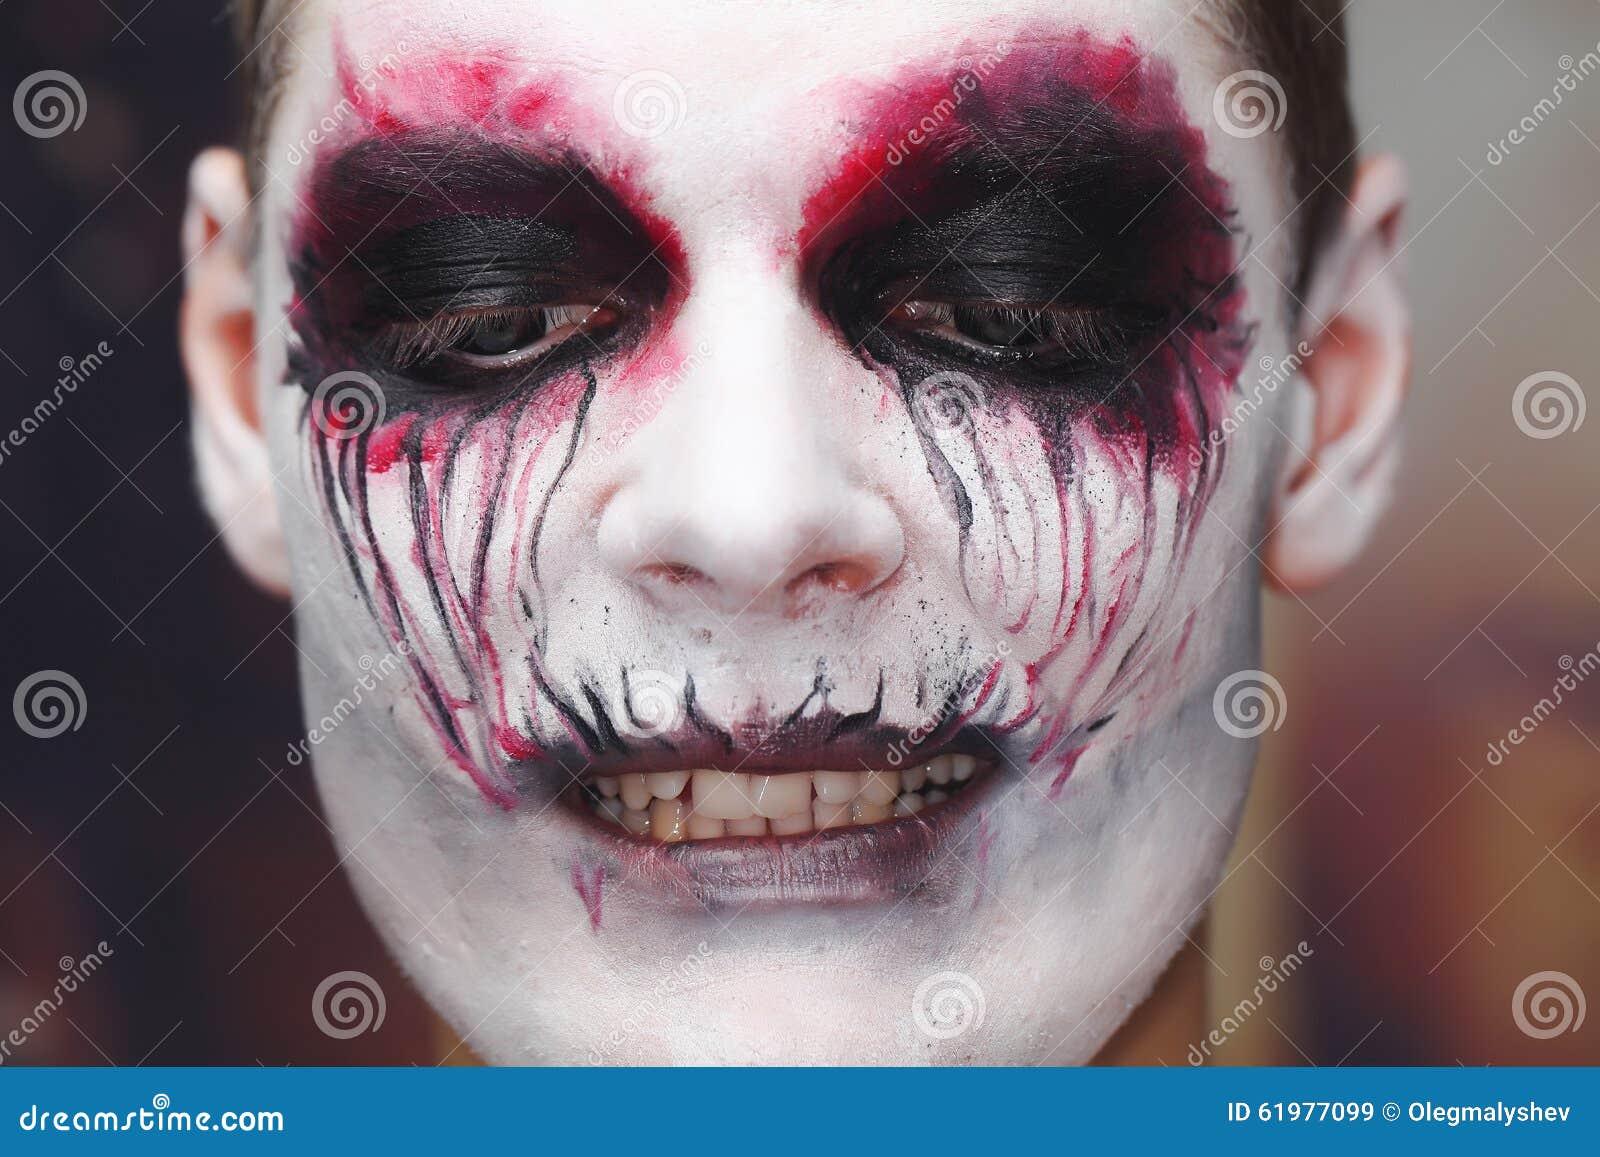 Trucco Halloween dell'uomo immagine stock. Immagine di ...